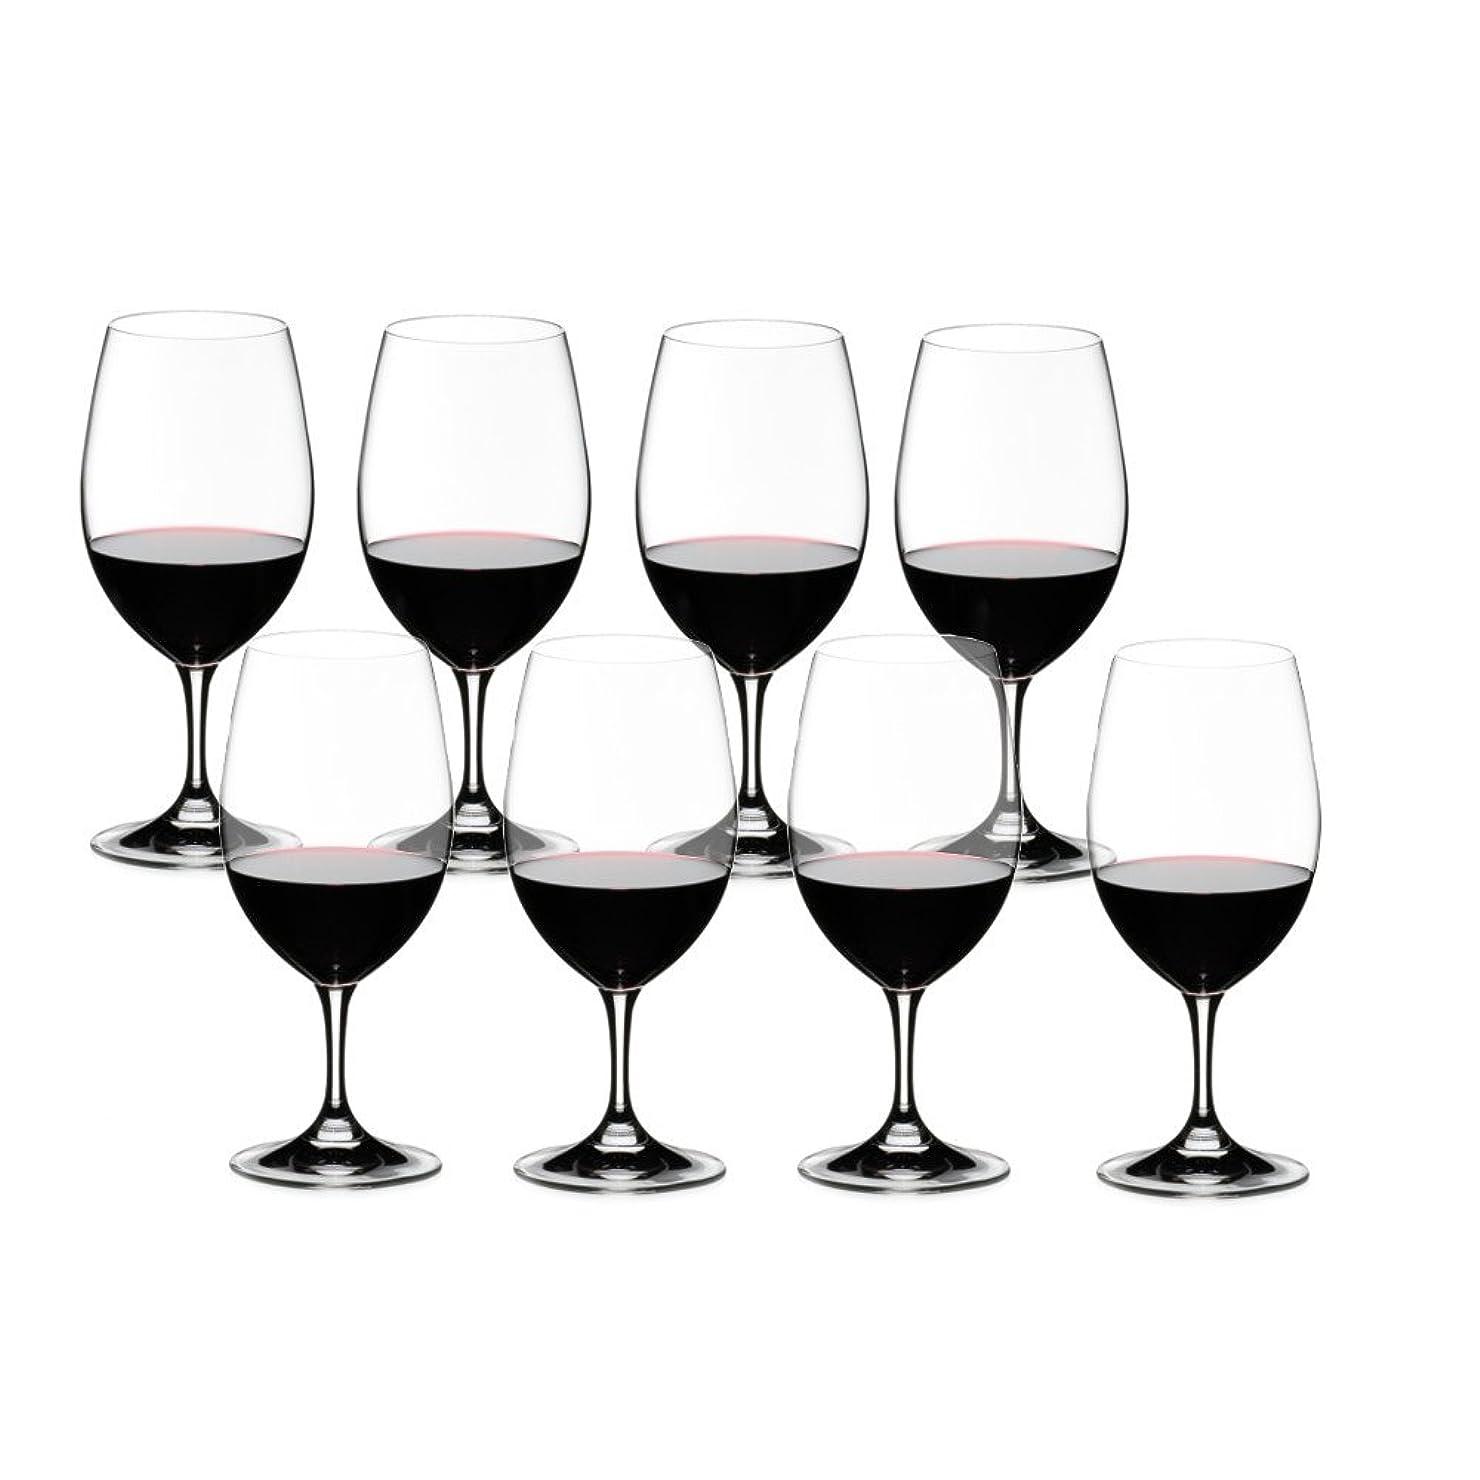 積極的に鳥流暢[正規品] RIEDEL リーデル 赤ワイン グラス 8個セット オヴァチュア マグナム 530ml 7408/90